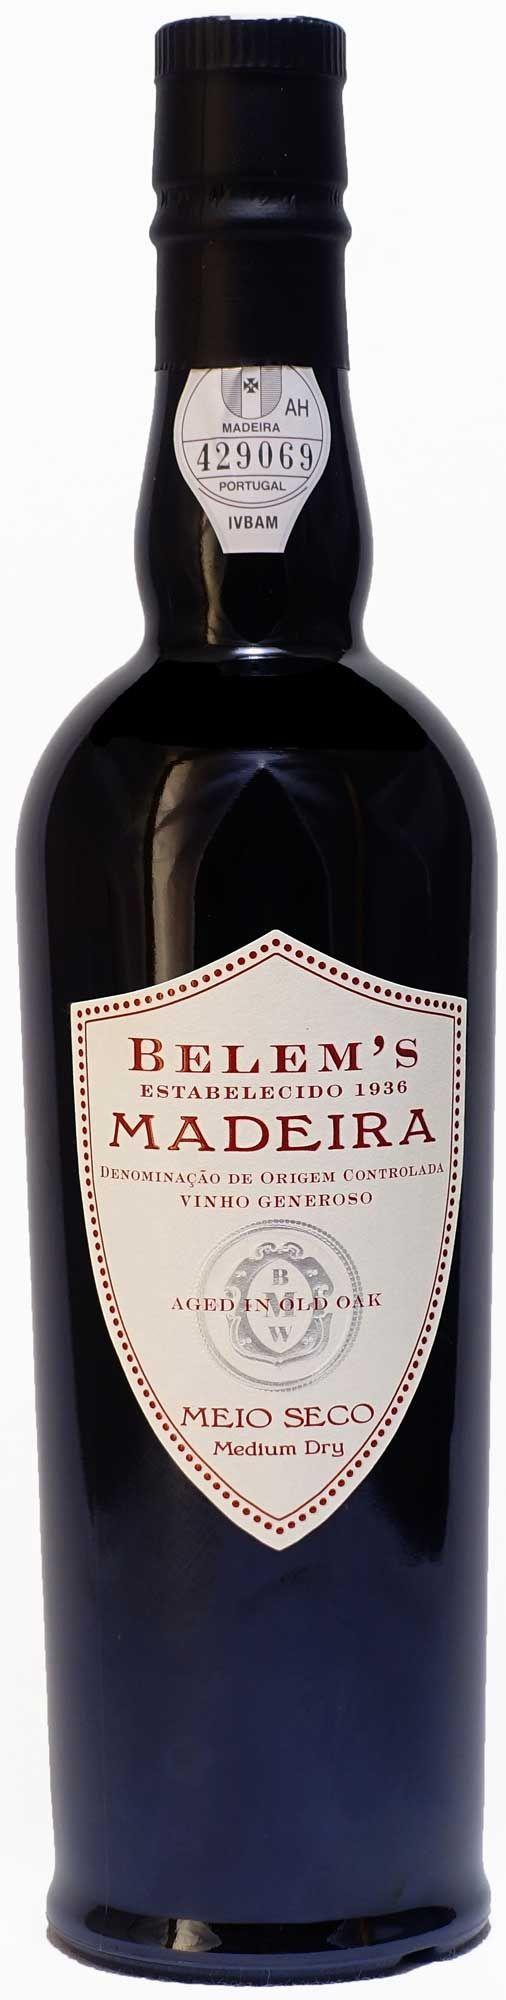 Belem's Madeira Meio Seco